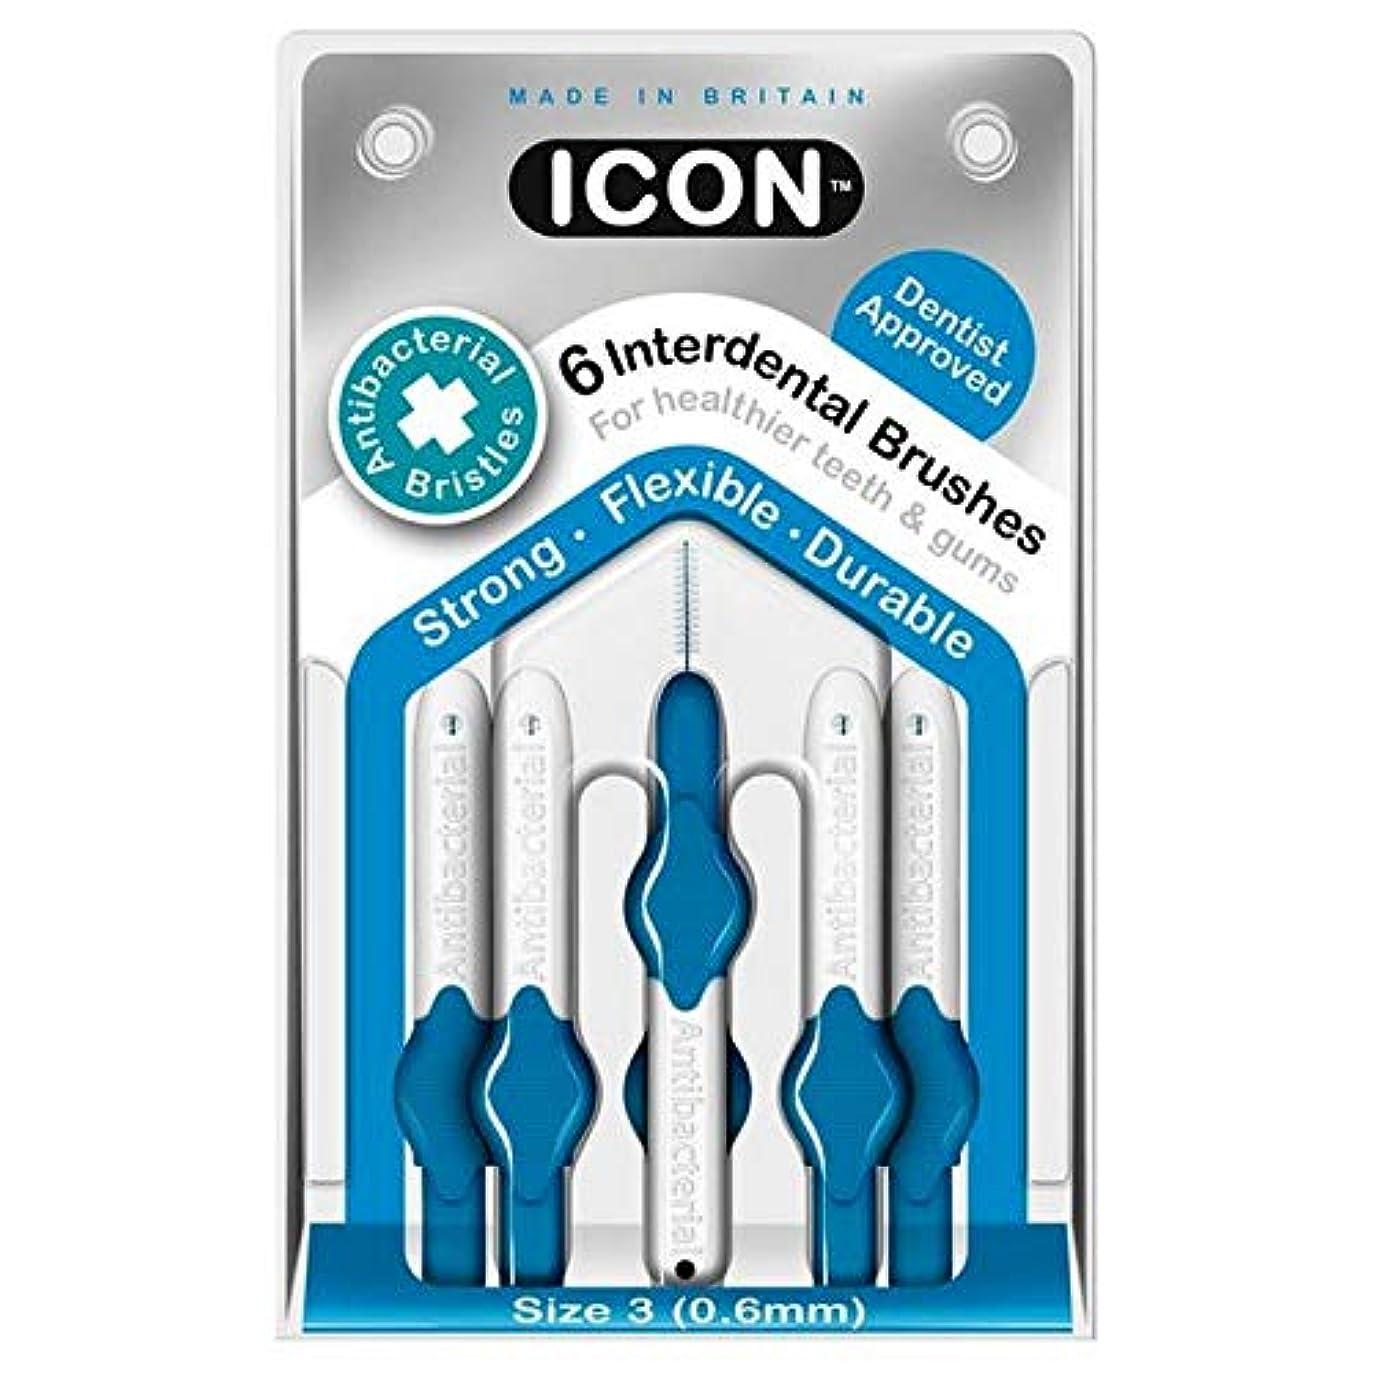 ハシー出血降雨[Icon ] アイコンの歯間には、パックあたり0.6ミリメートル6ブラシ - Icon Interdental Brushes 0.6mm 6 per pack [並行輸入品]